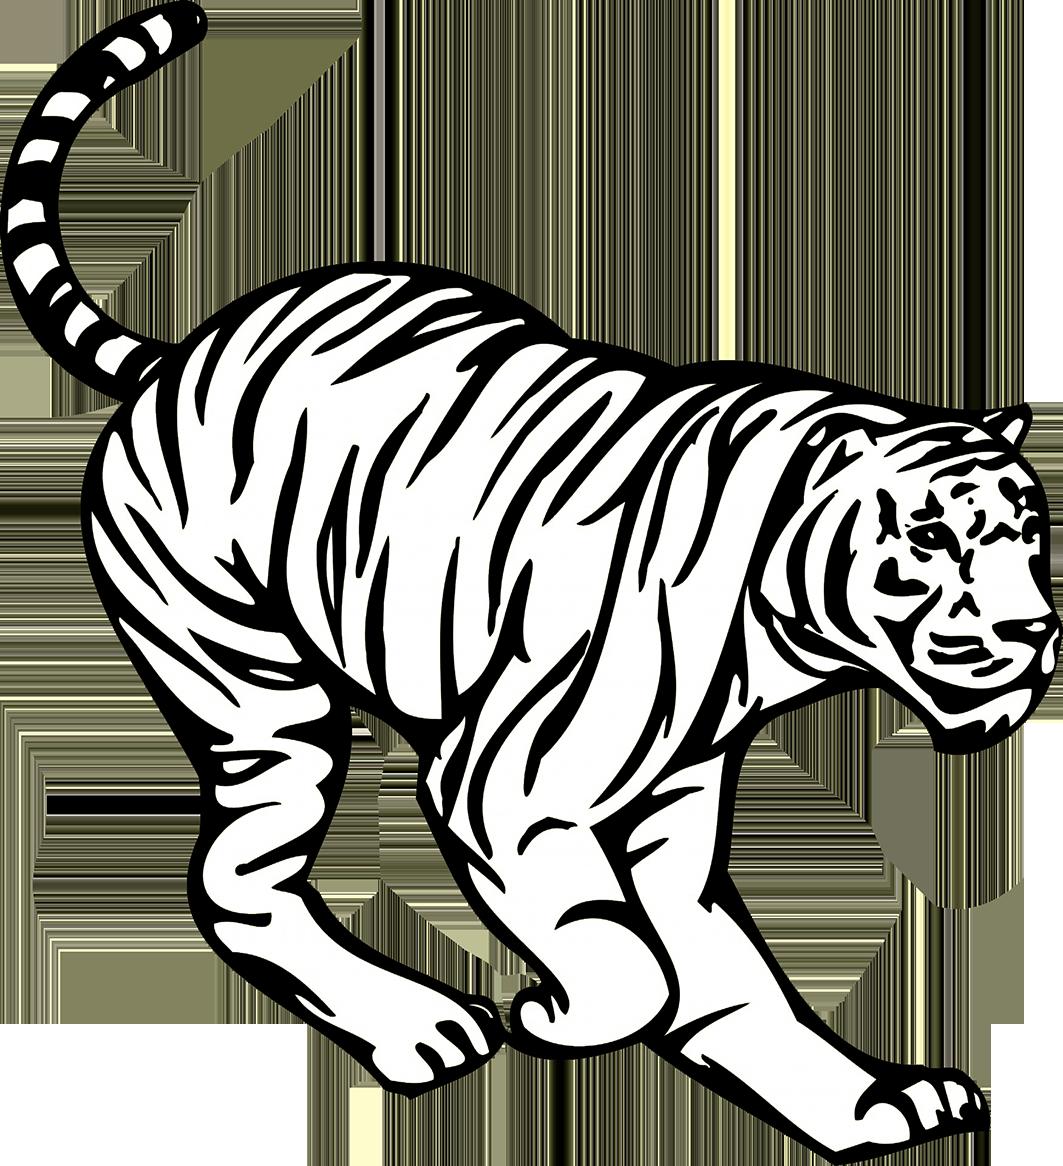 crouching tiger image